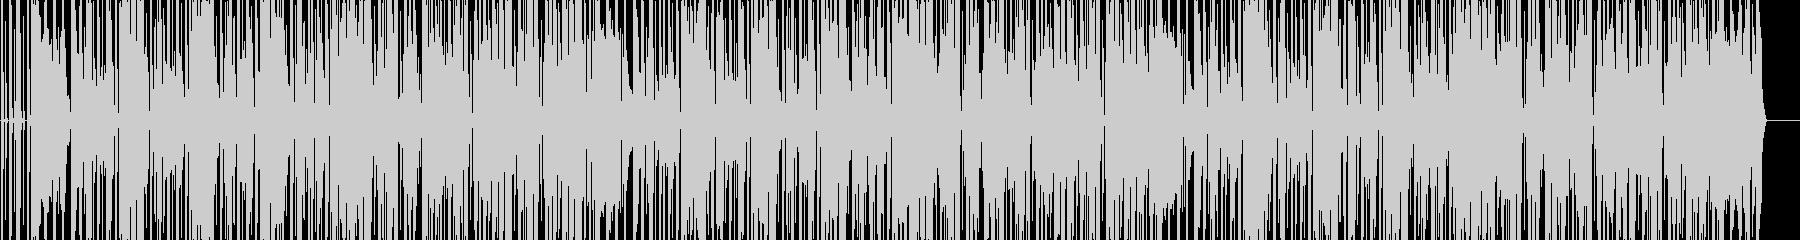 明るく軽快なギターファンキーダンスポップの未再生の波形